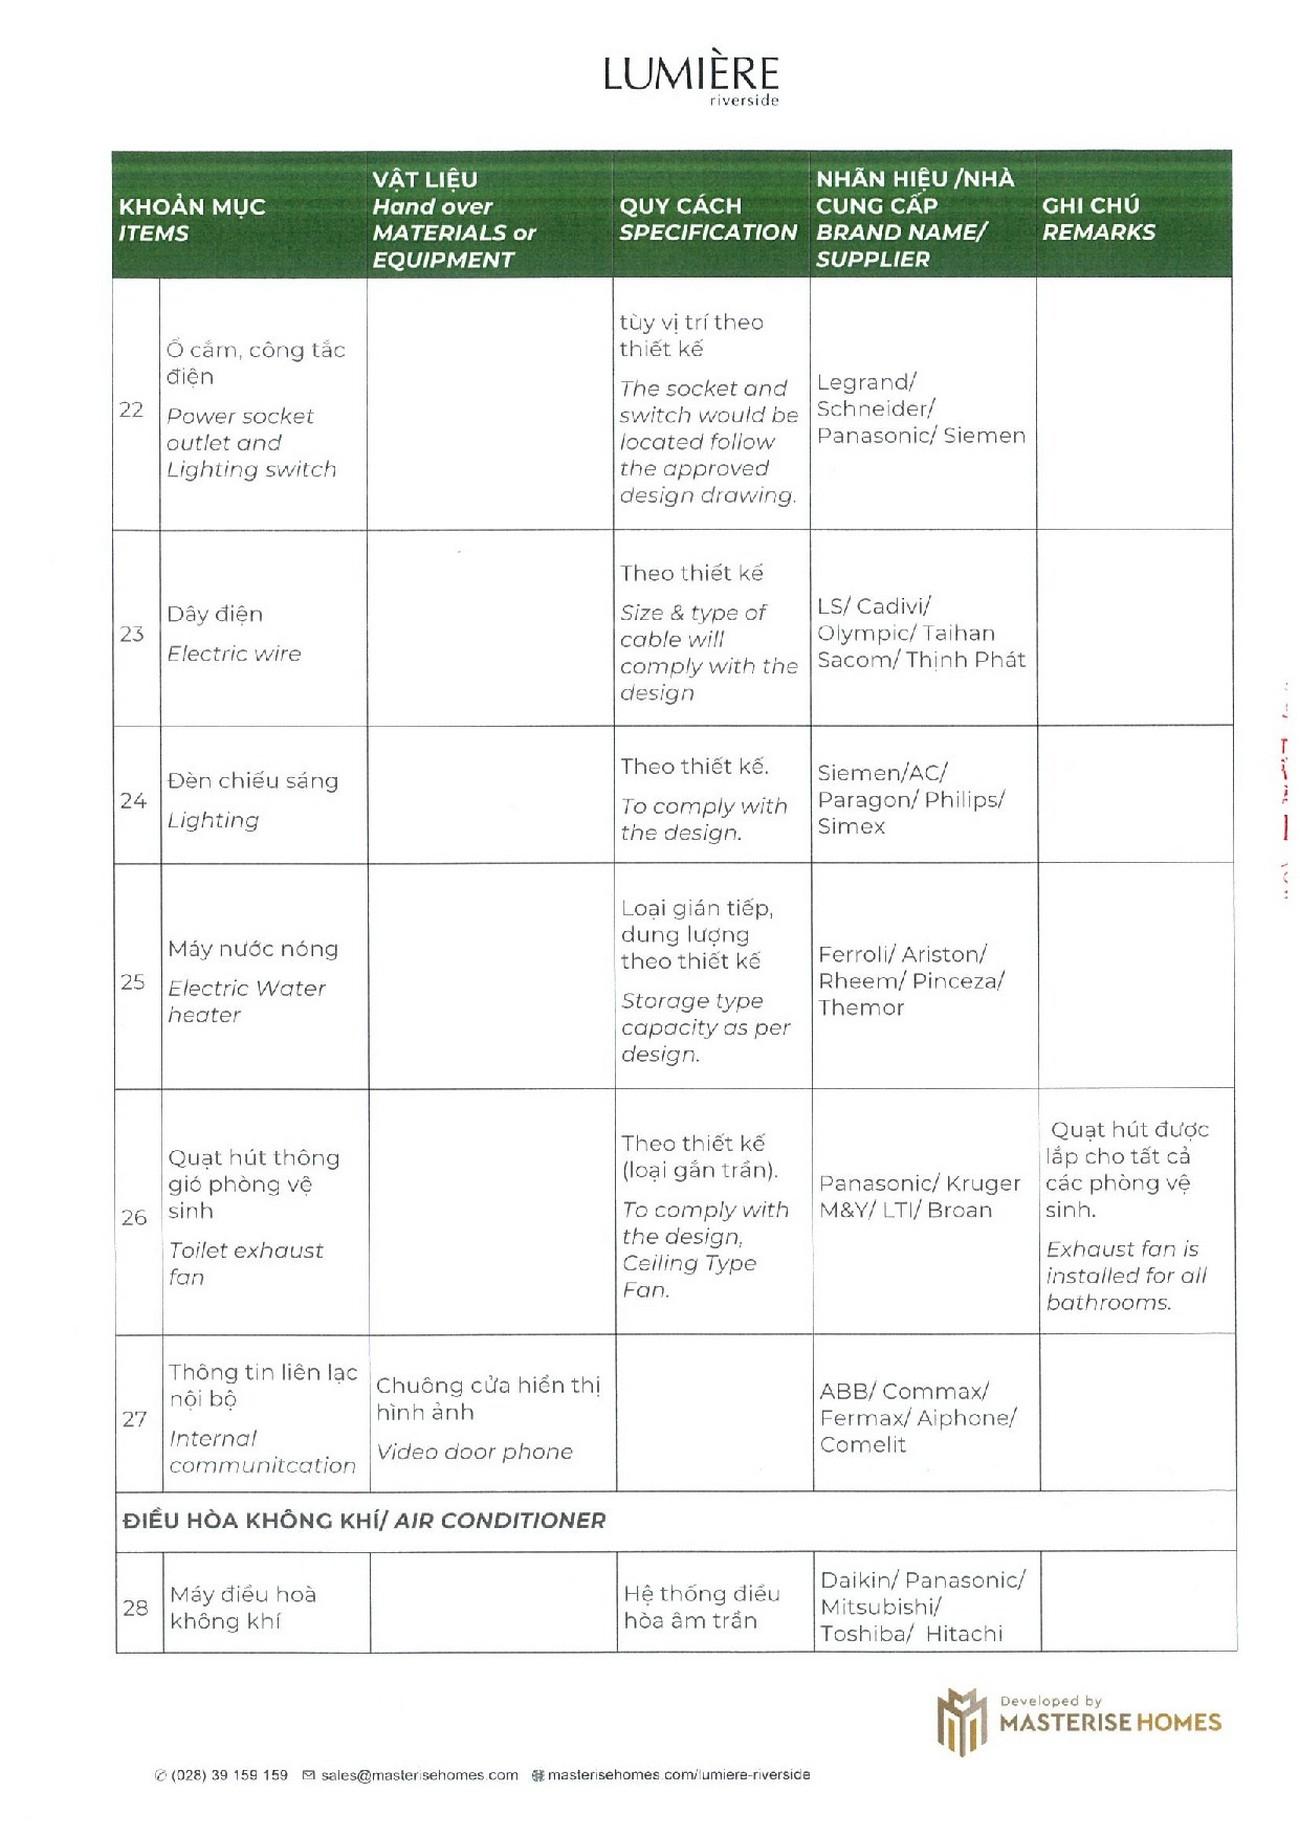 Cập nhật bảng giá Masteri Lumiere Riverside | GIÁ BÁN & ƯU ĐÃI【 03/2021】Từ Masterise Homes 2021 20